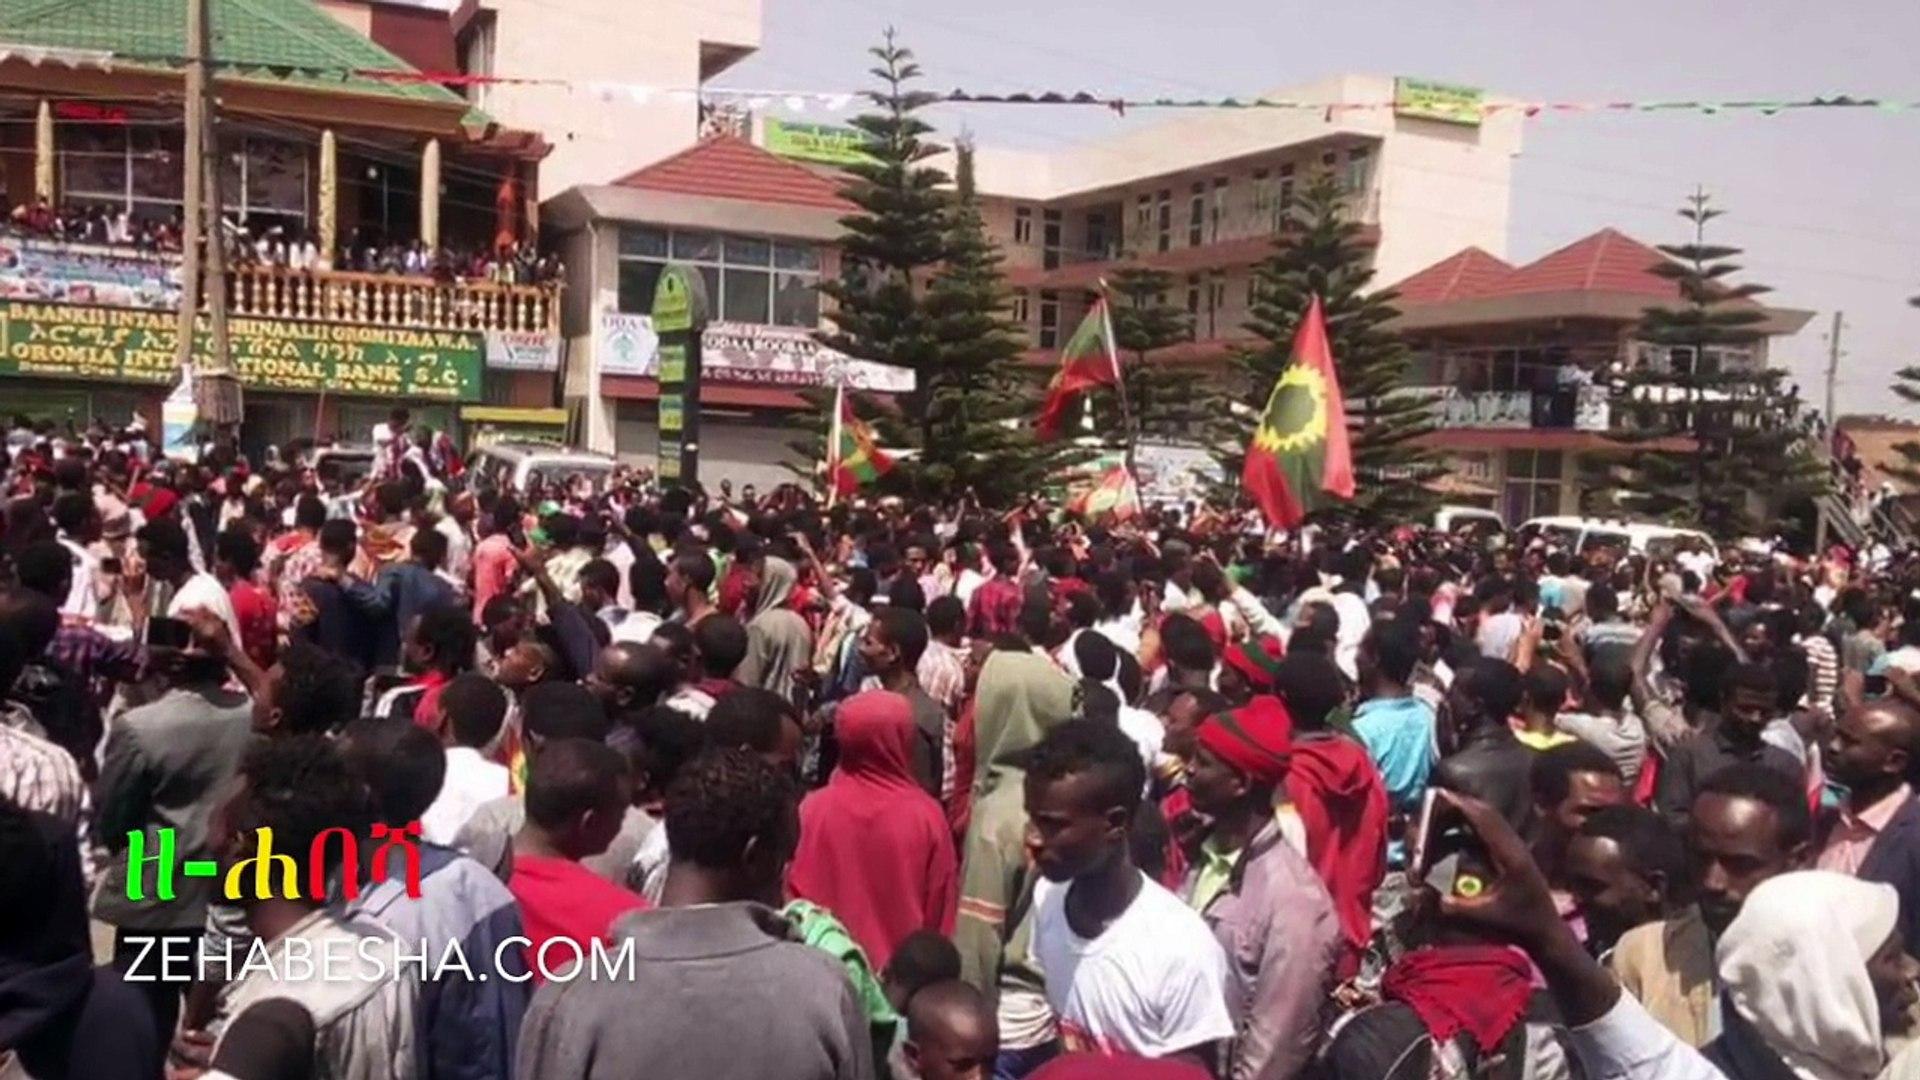 Ethiopia: ዘ-ሐበሻ ዜና